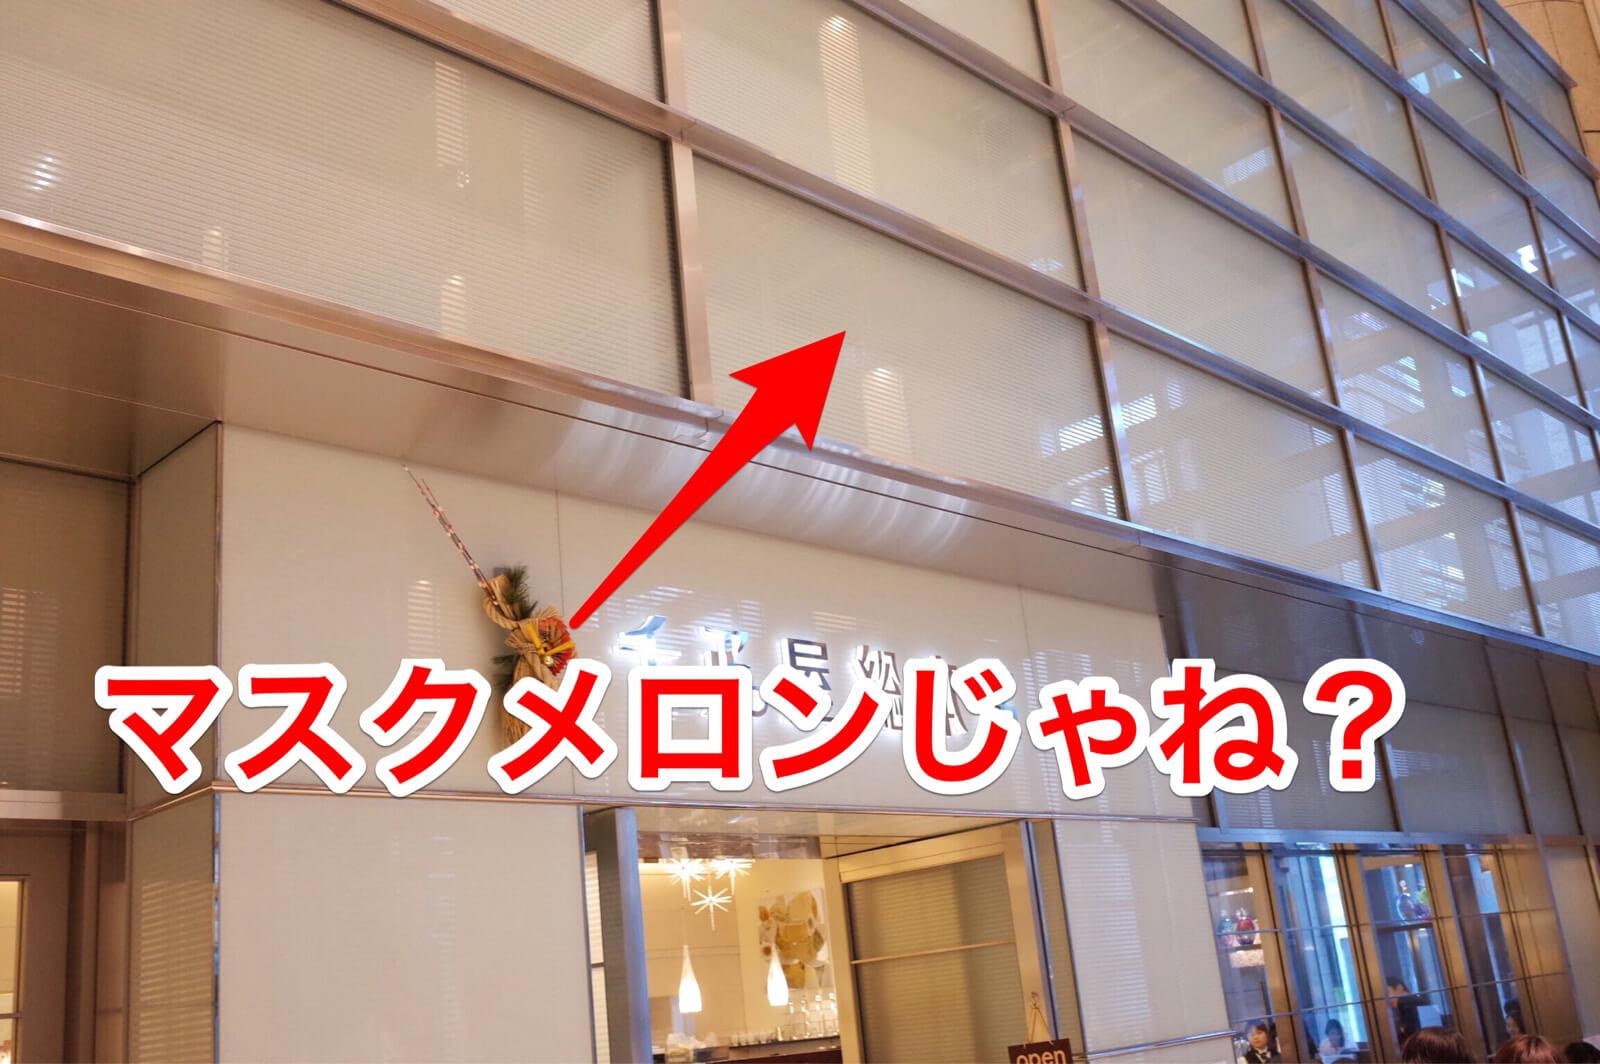 千疋屋 総本店